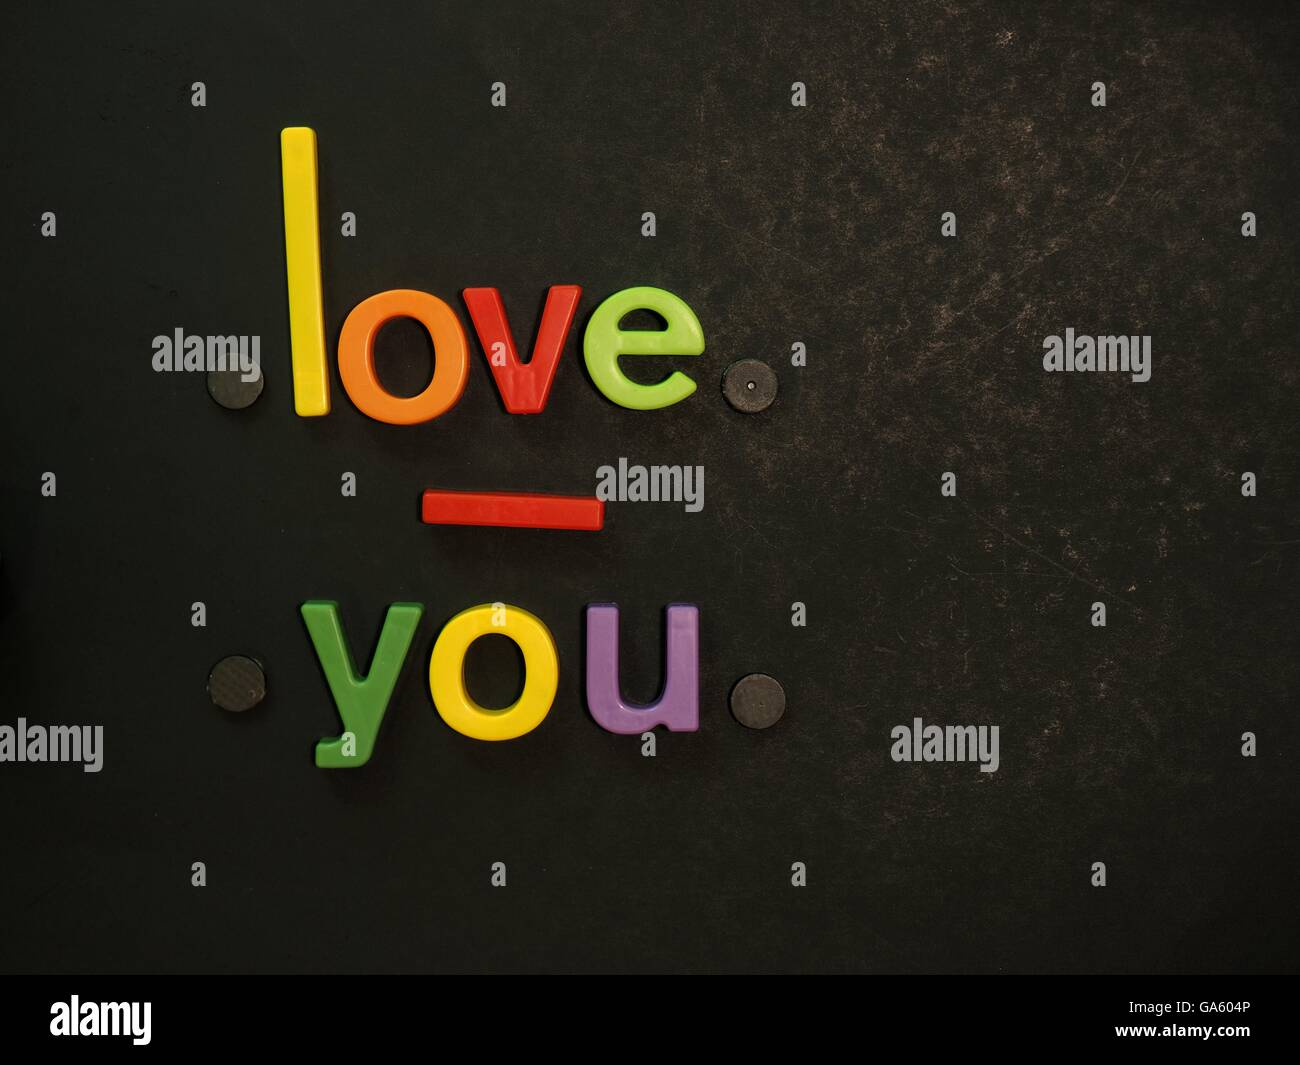 Liebe dich! Inspirierende Botschaft in lebhaften bunten Magneten Buchstaben auf schwarzem Hintergrund Stockbild